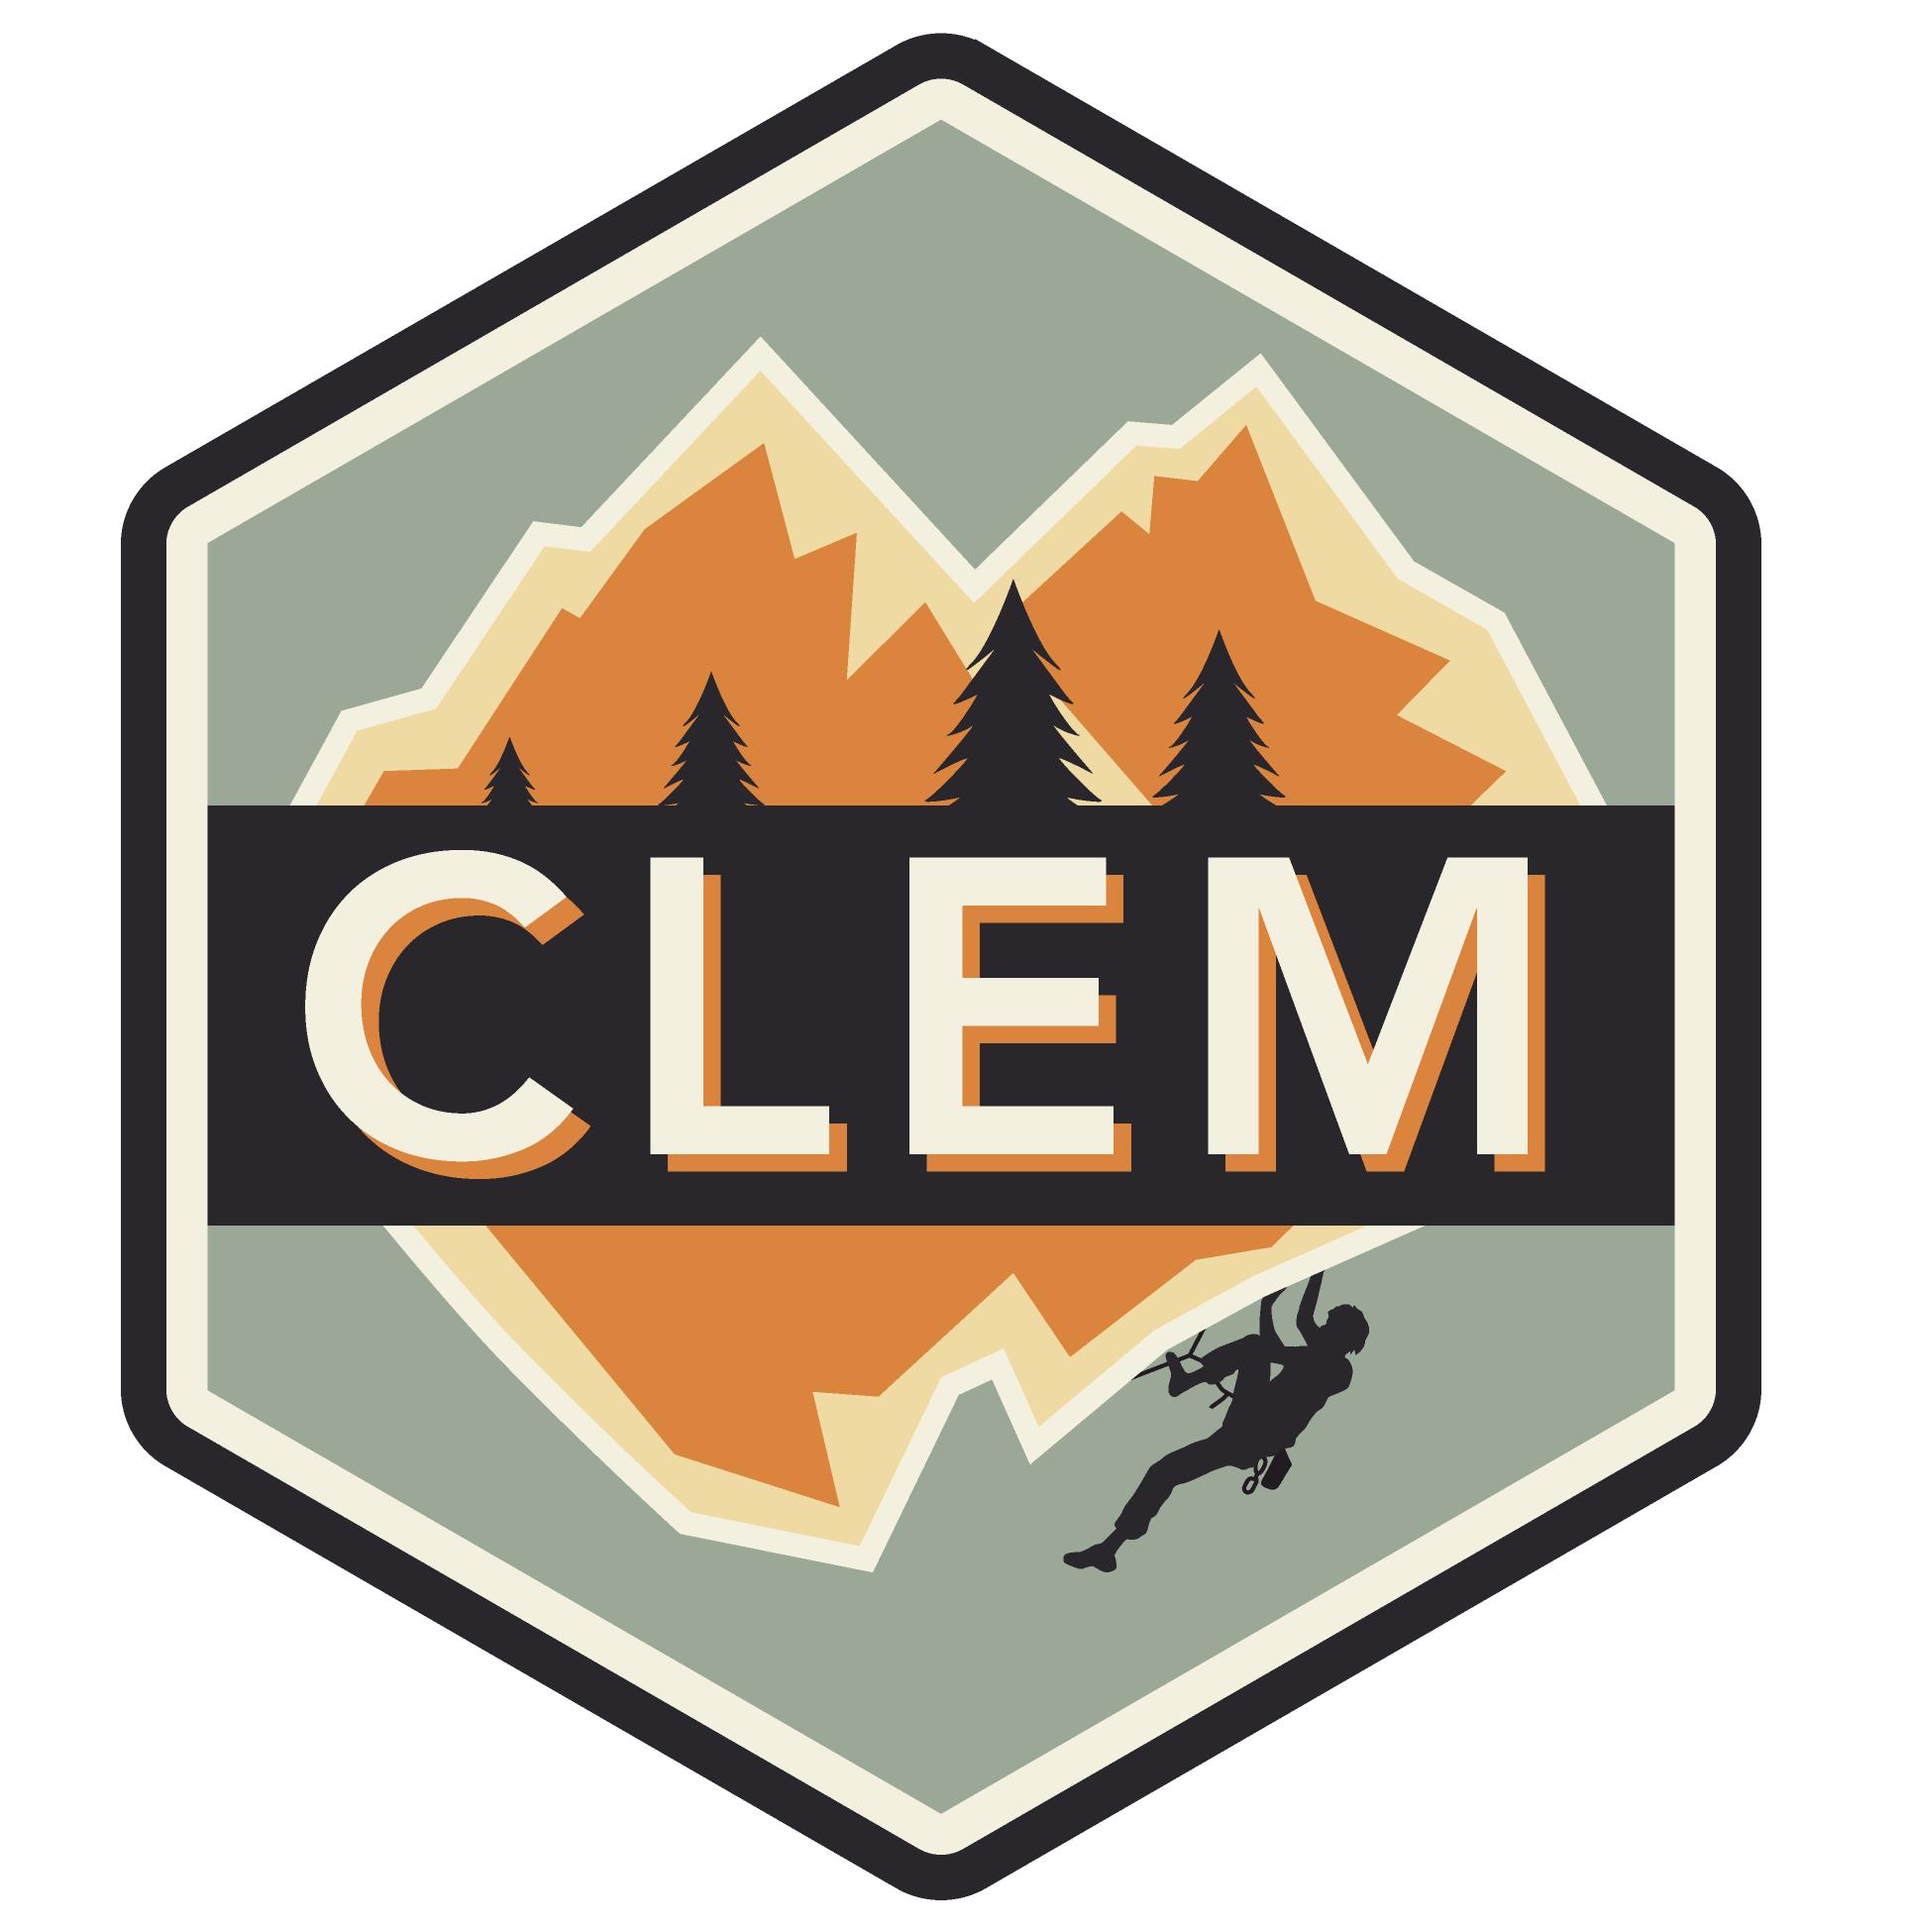 Clem concours logo 1P